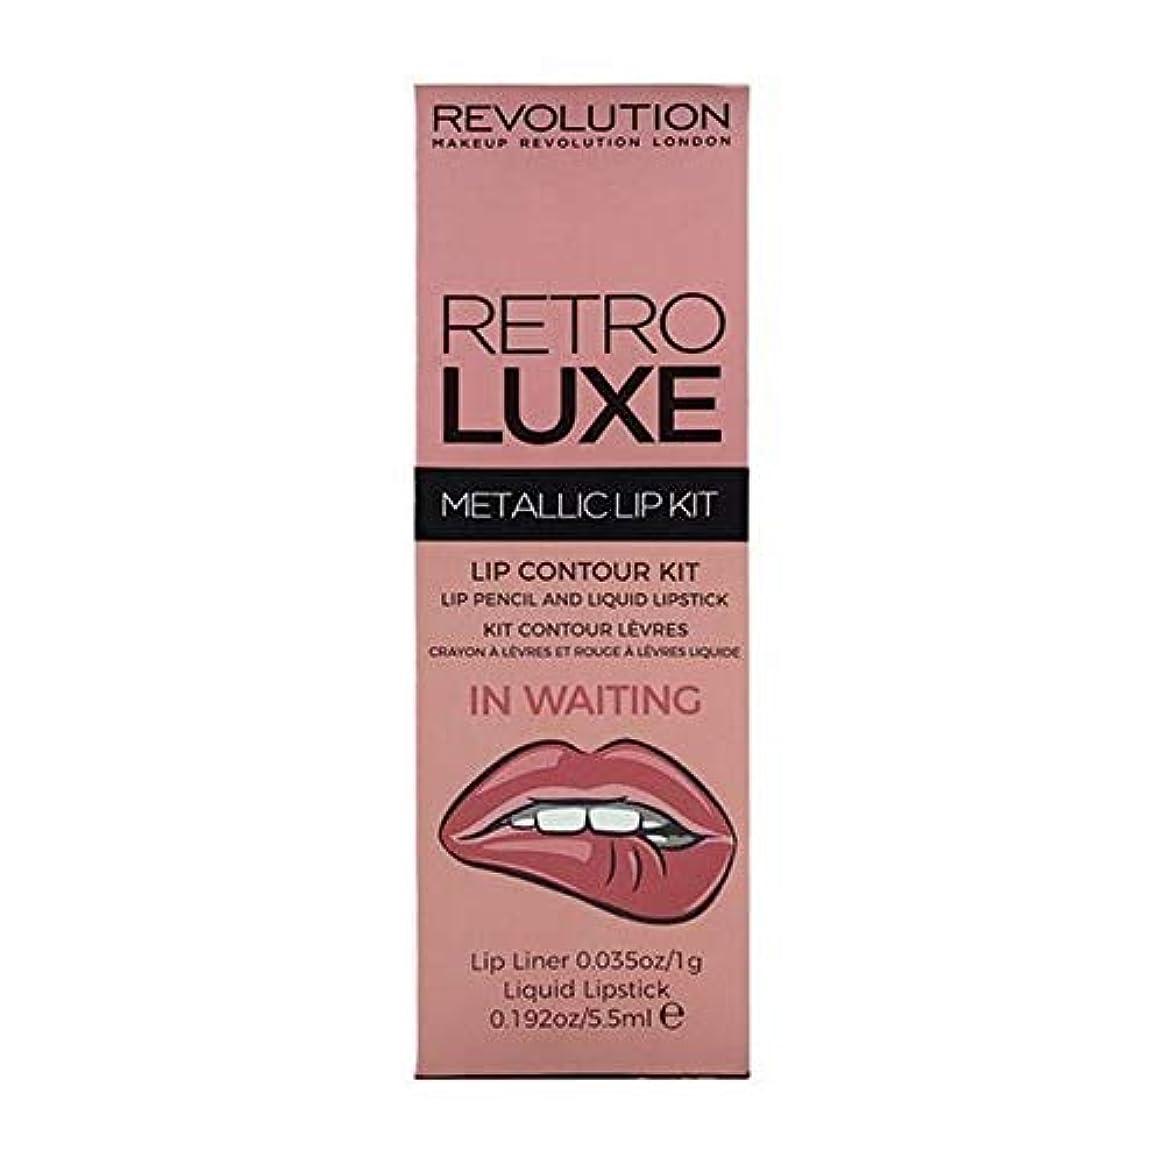 緯度最初は批判する[Revolution ] 待っているの革命レトロデラックスキットメタリック - Revolution Retro Luxe Kits Metallic In Waiting [並行輸入品]